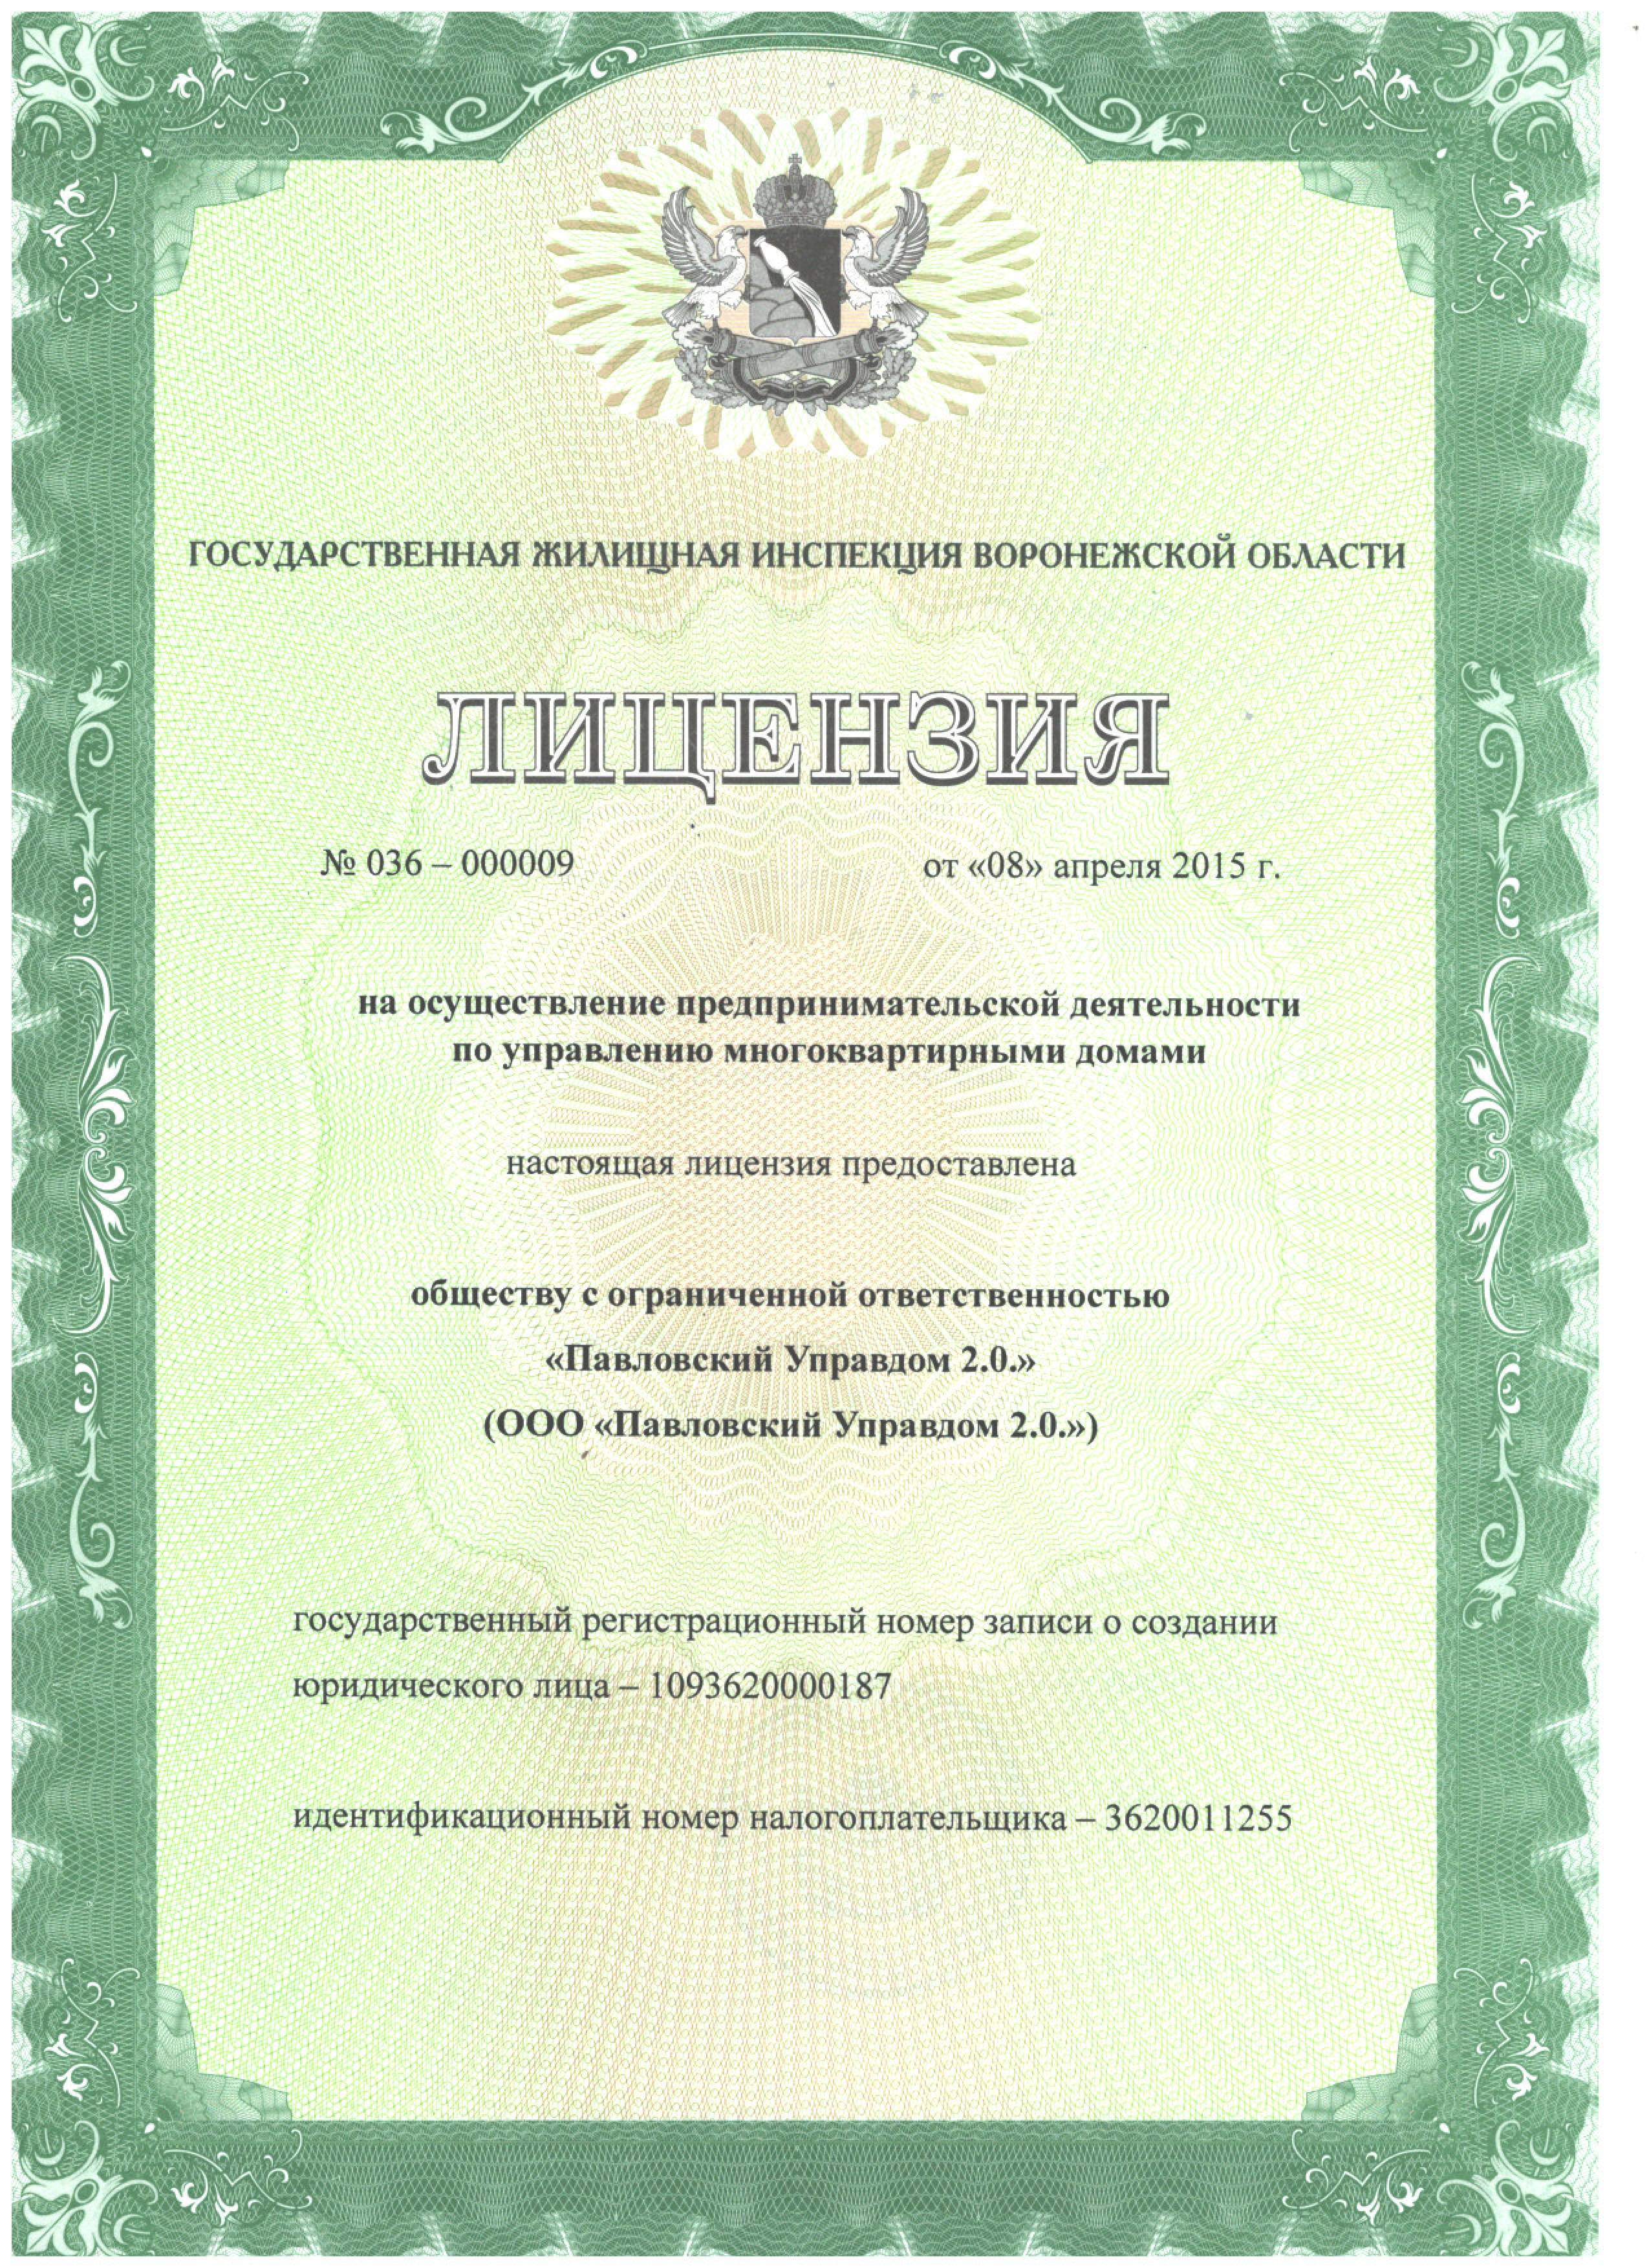 """Лицензия ООО """"ПАВЛОВСКИЙ УПРАВДОМ 2.0."""""""